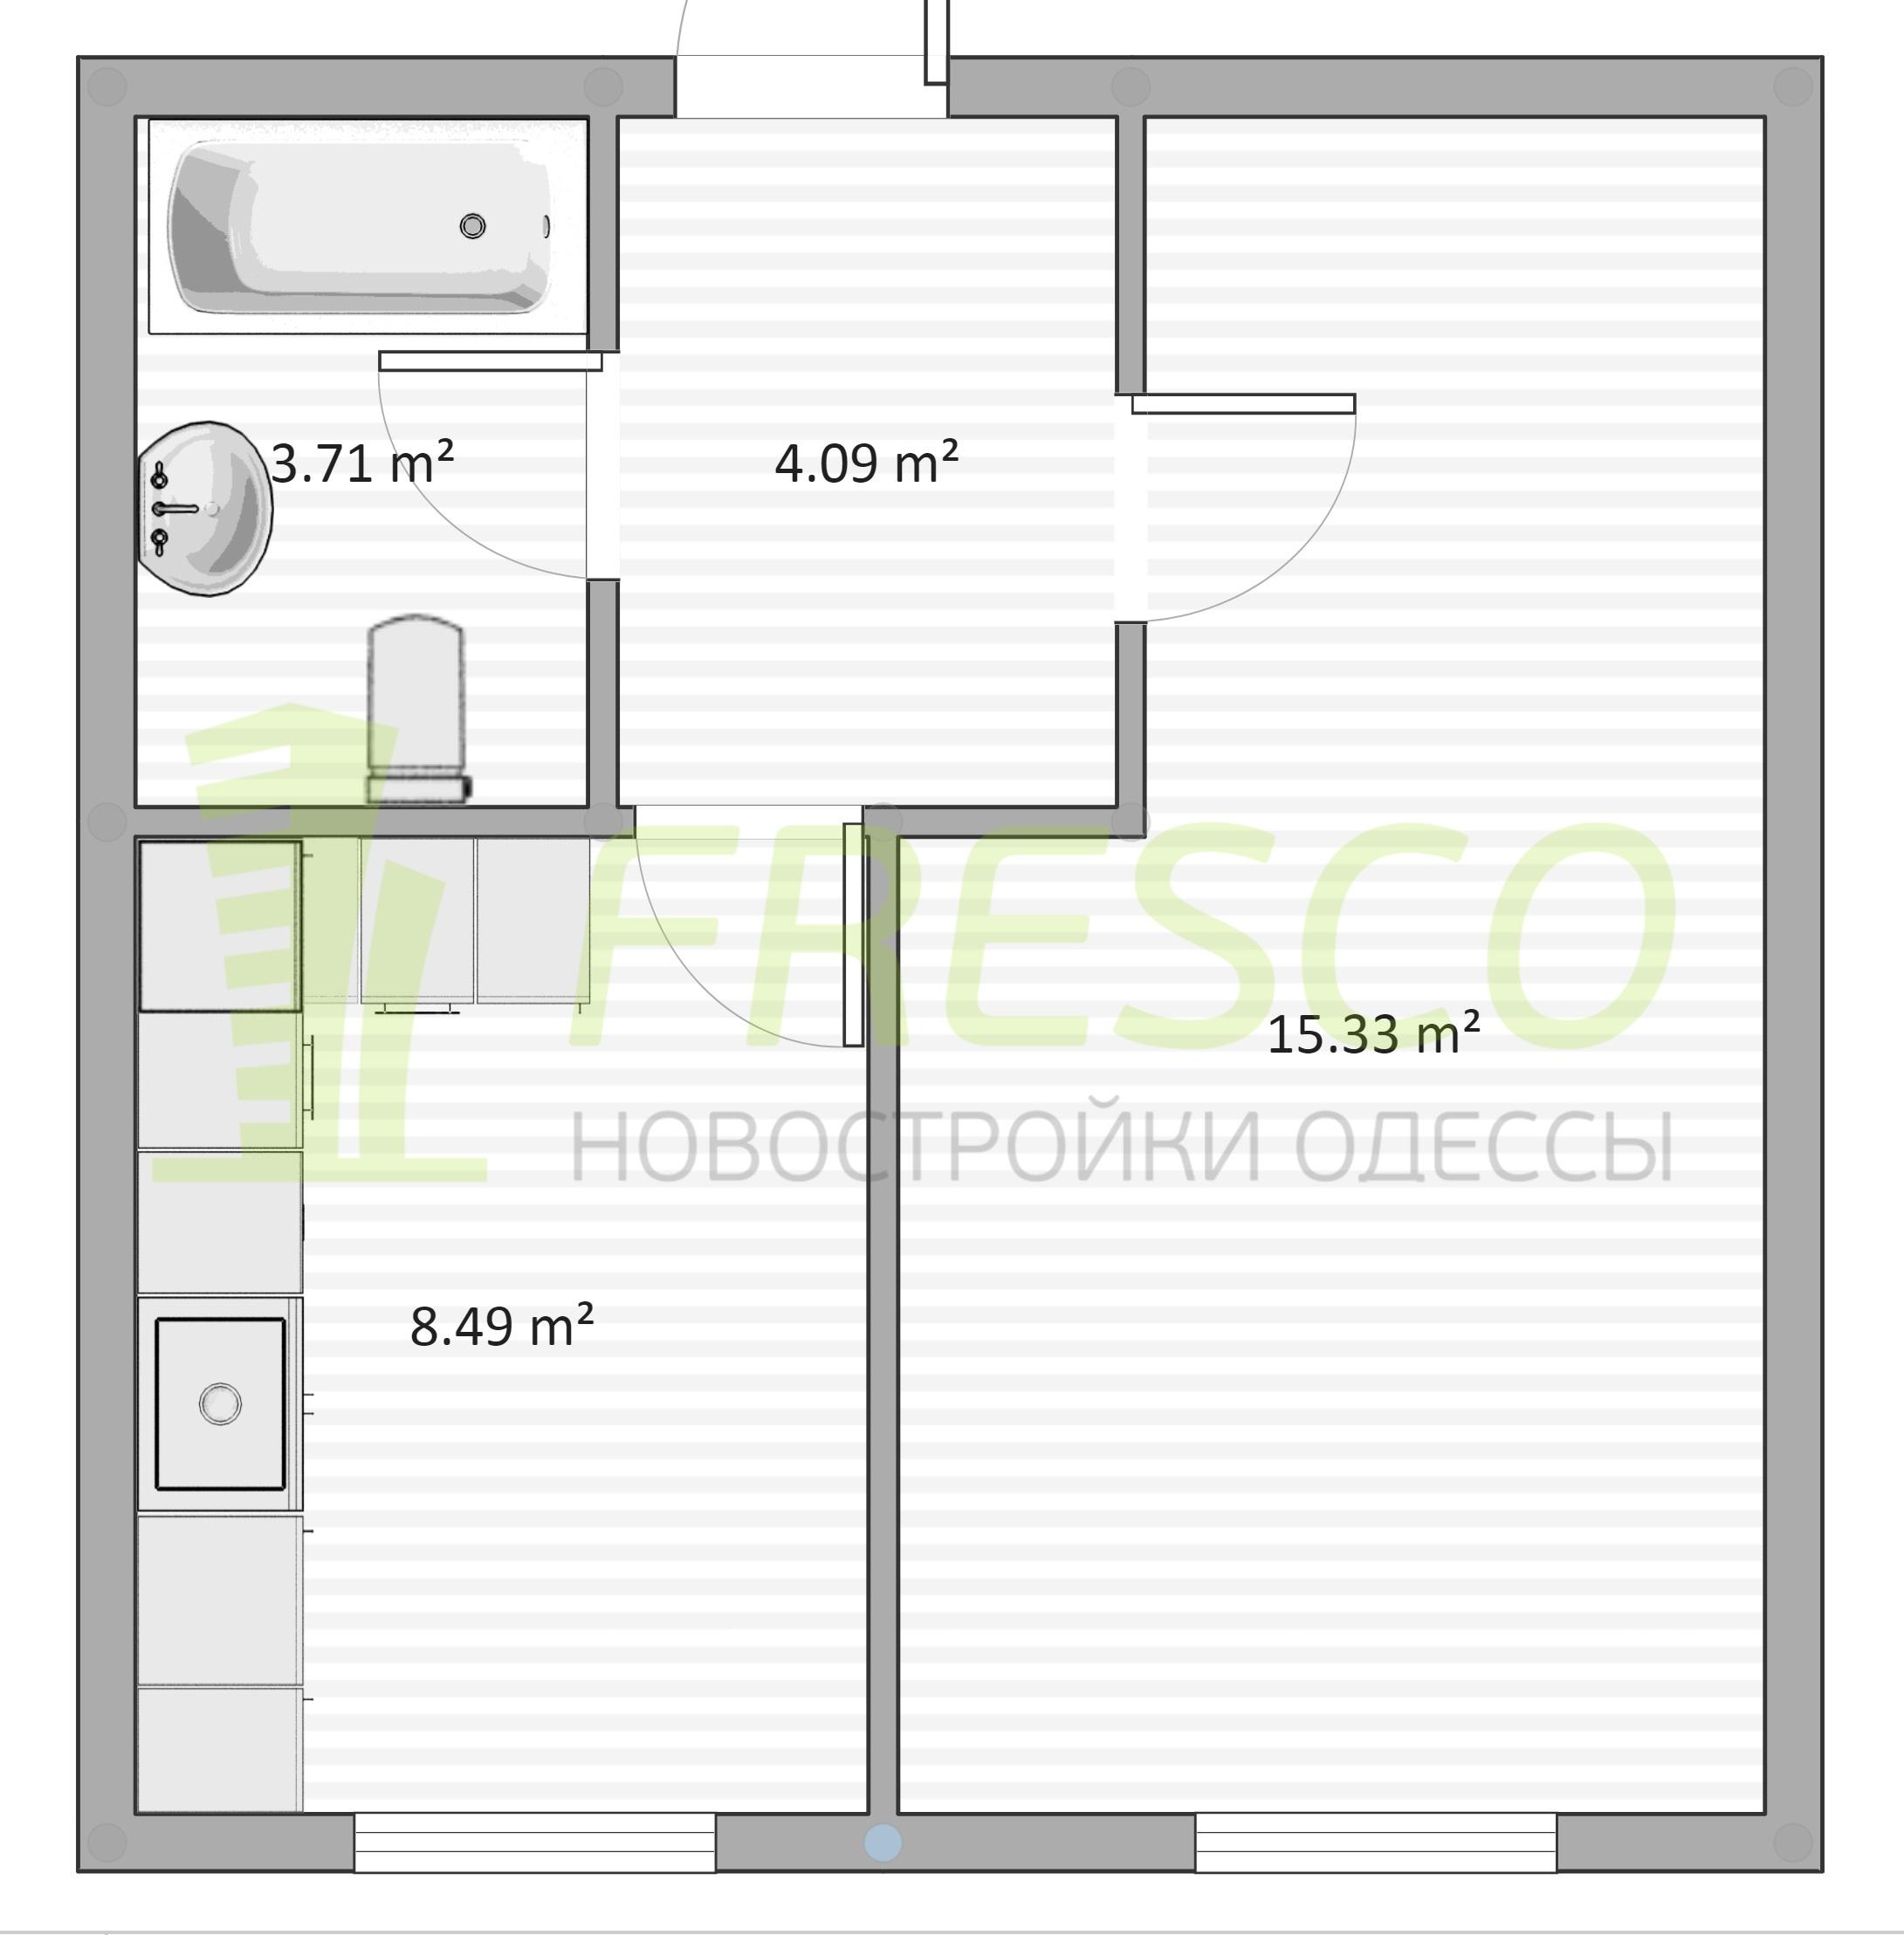 Однокомнатная - ЖК Дом на Ризовской$23250Площадь:31m²